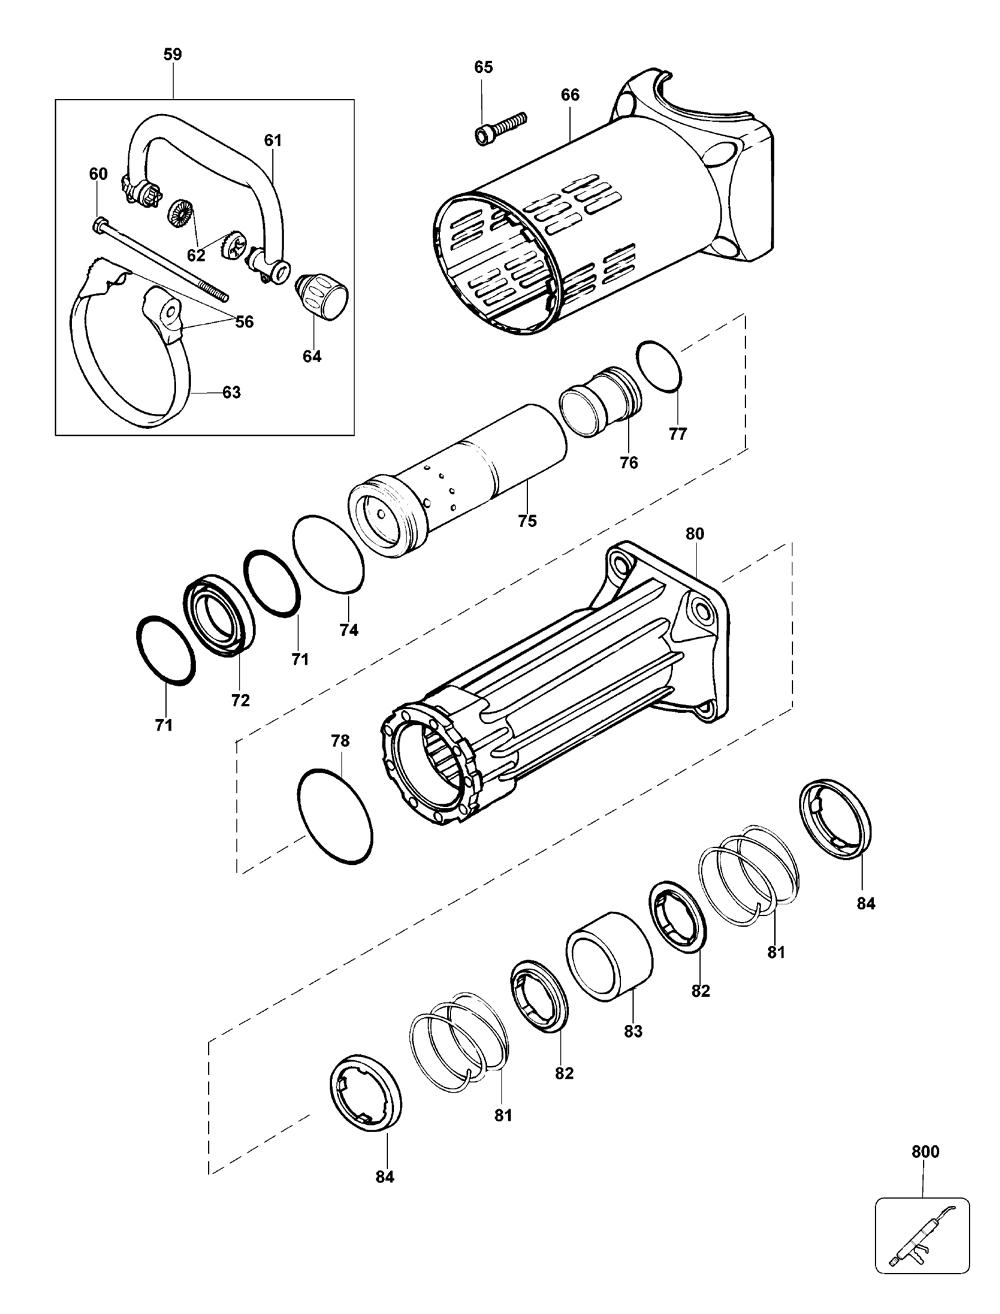 D25940KAR-T2-Dewalt-PB-1Break Down